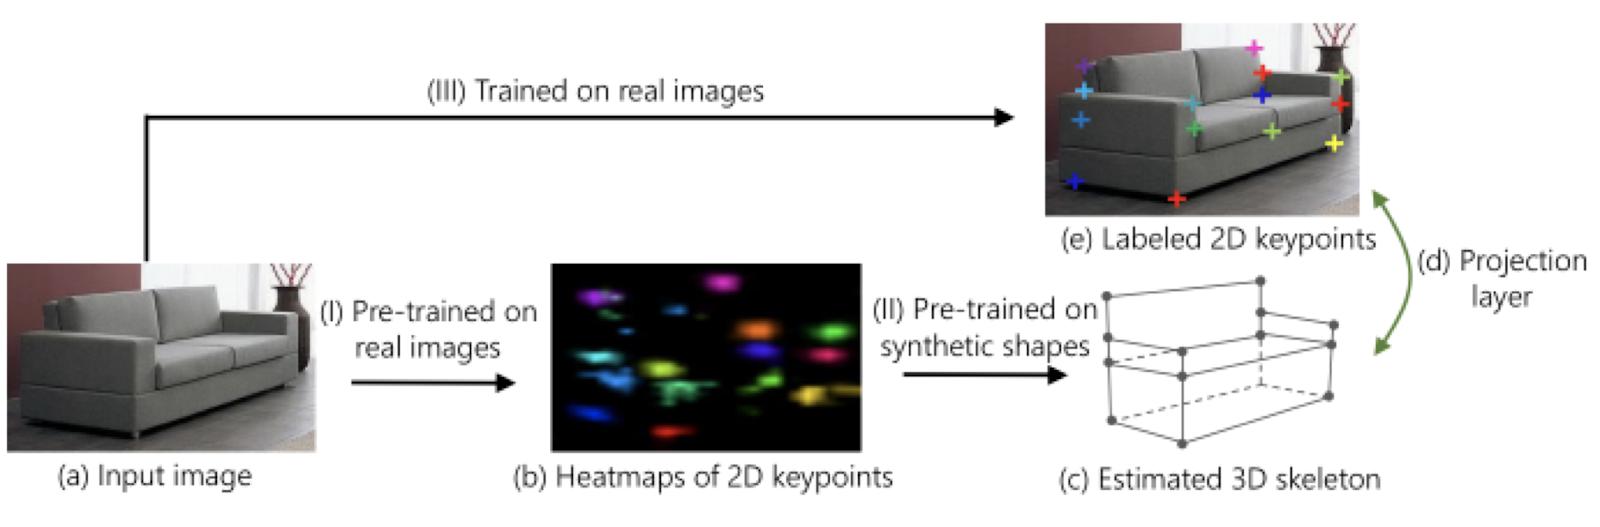 Шесть степеней свободы: 3D object detection и не только - 4